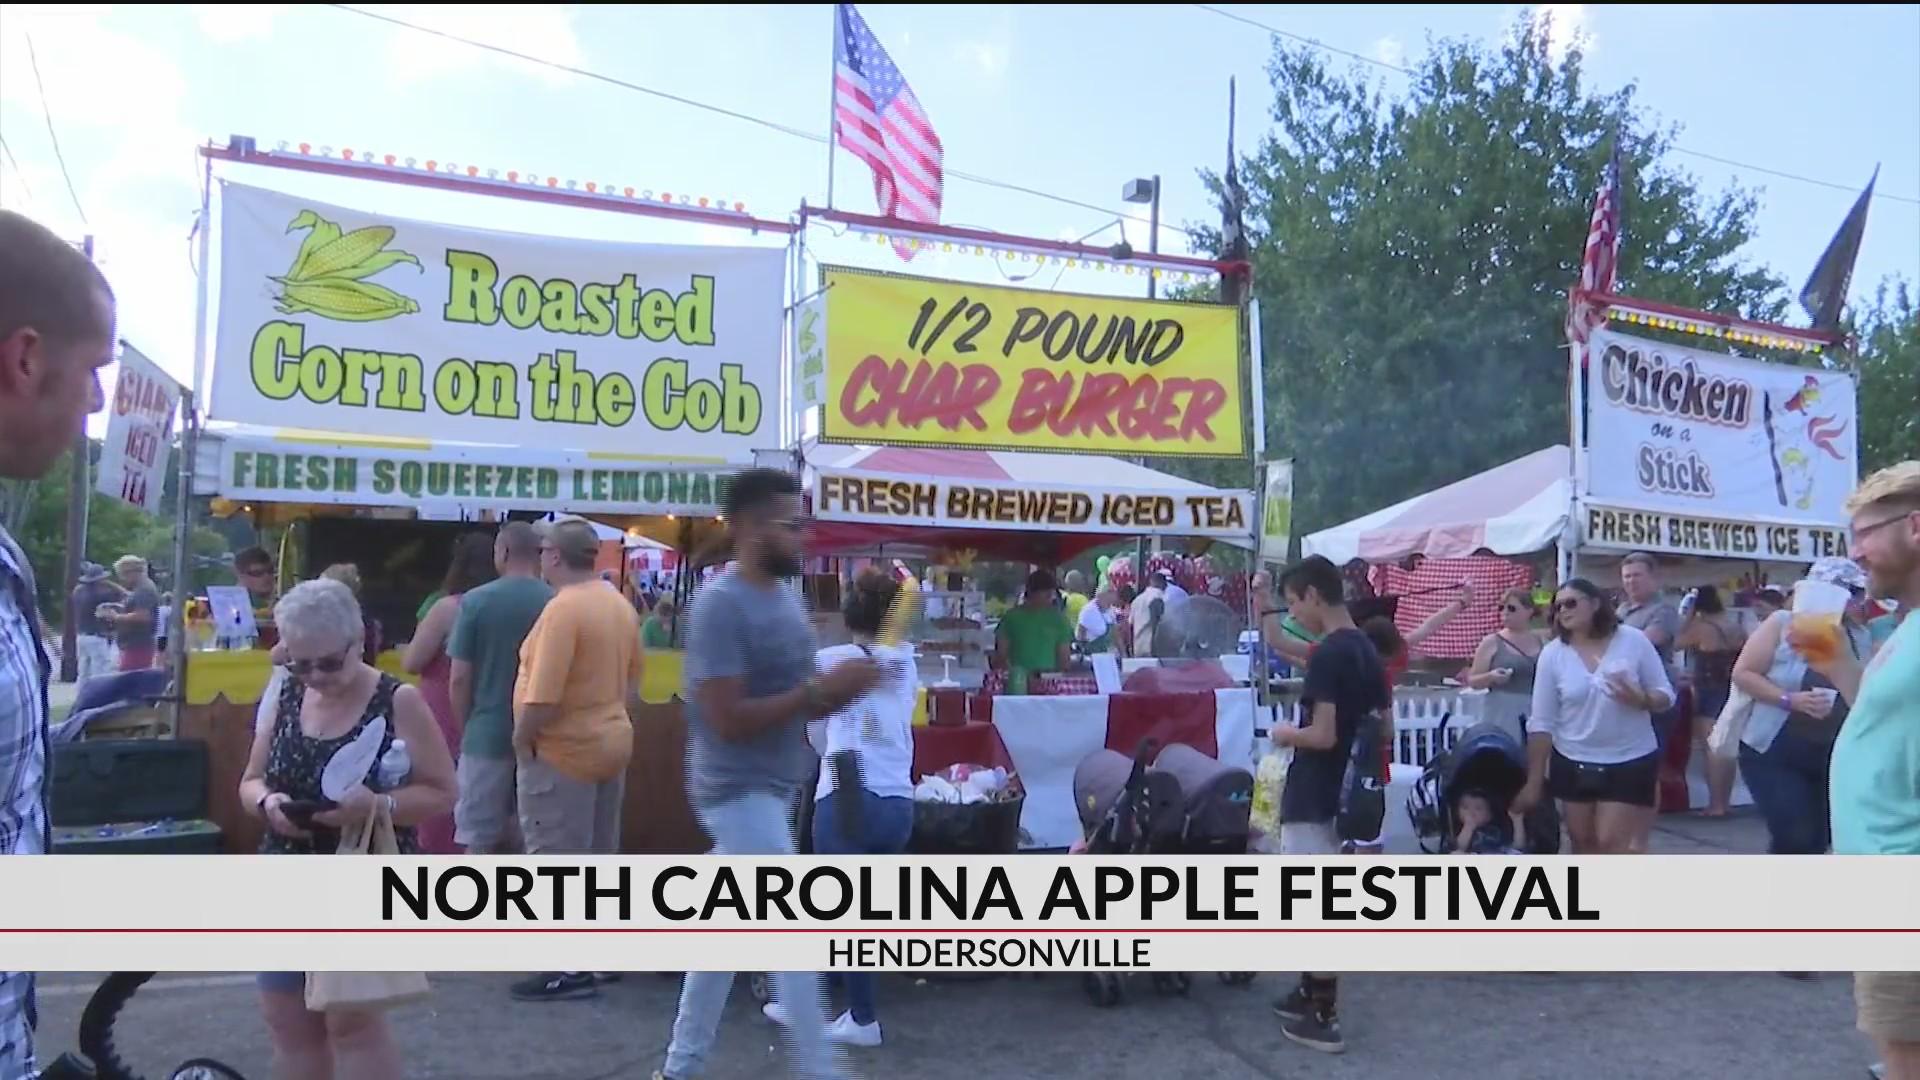 apple festival hendersonville nc 2020